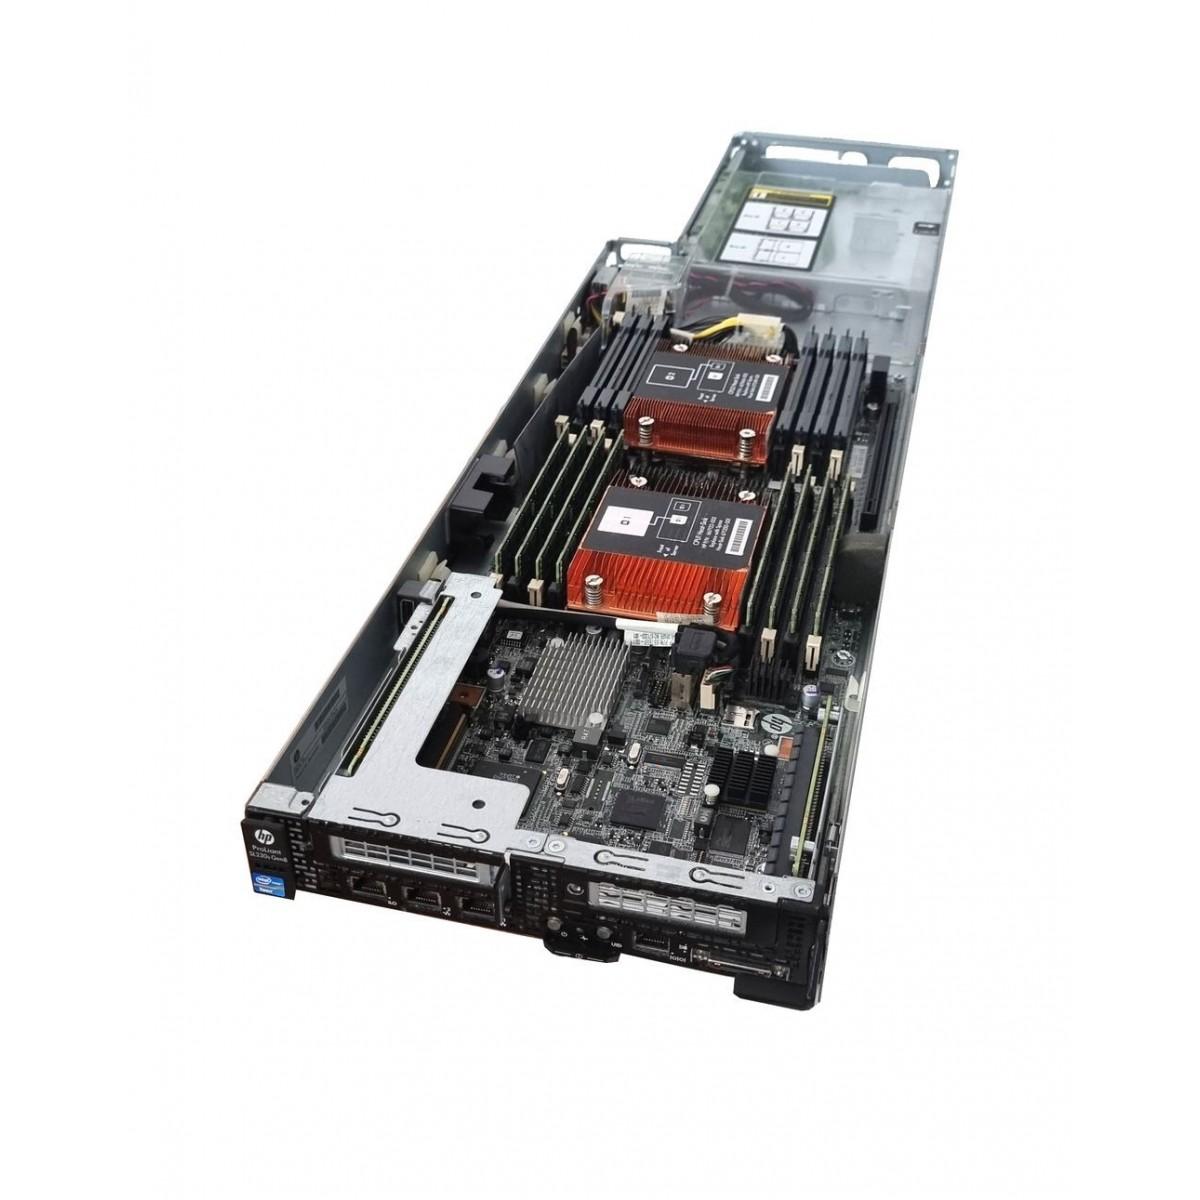 PAMIEC KINGSTON KTM5780 PC2-5300F 667MHZ FB-DIMM